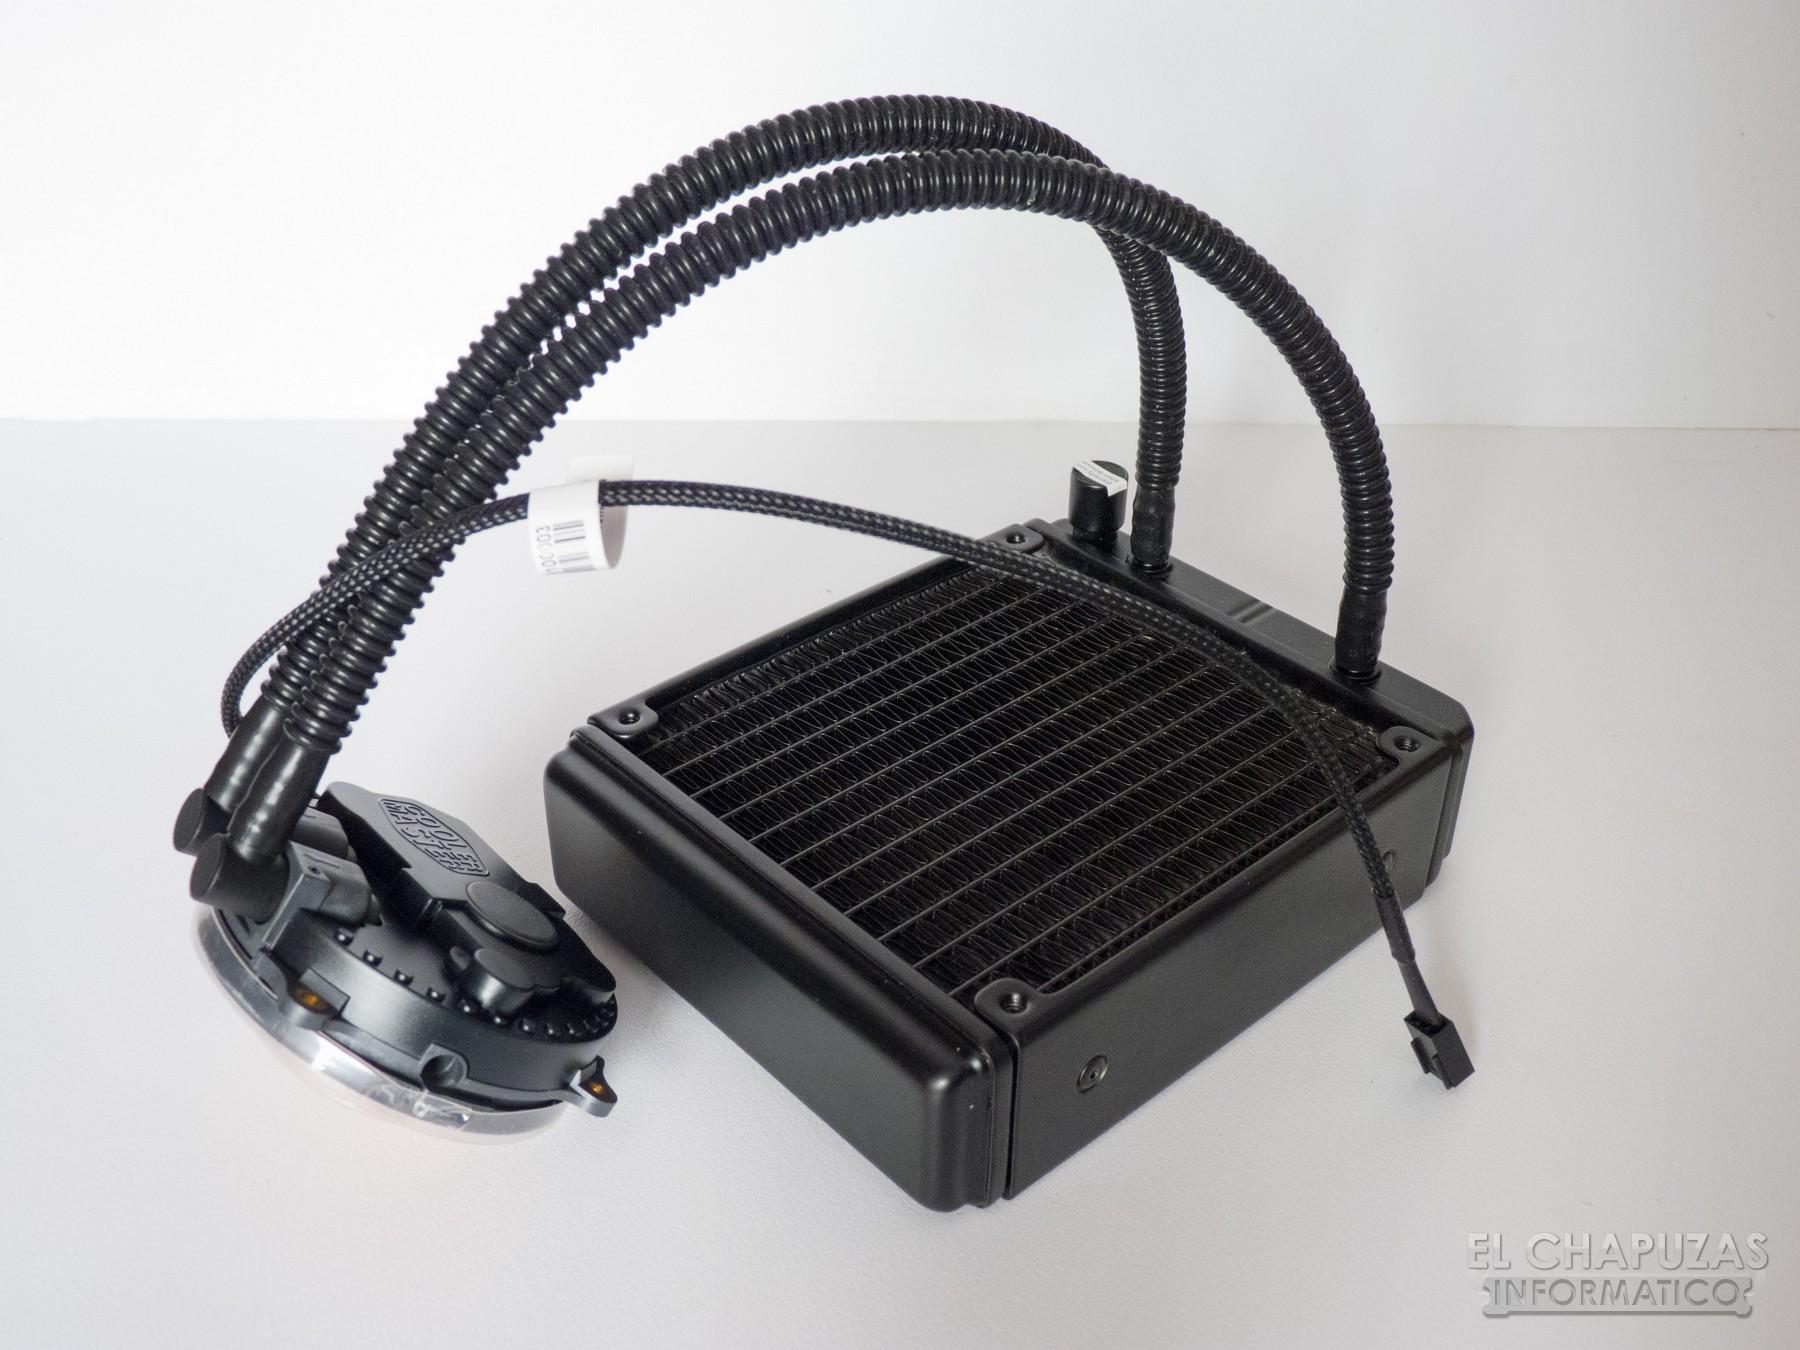 Cooler Master Seidon 120XL 22